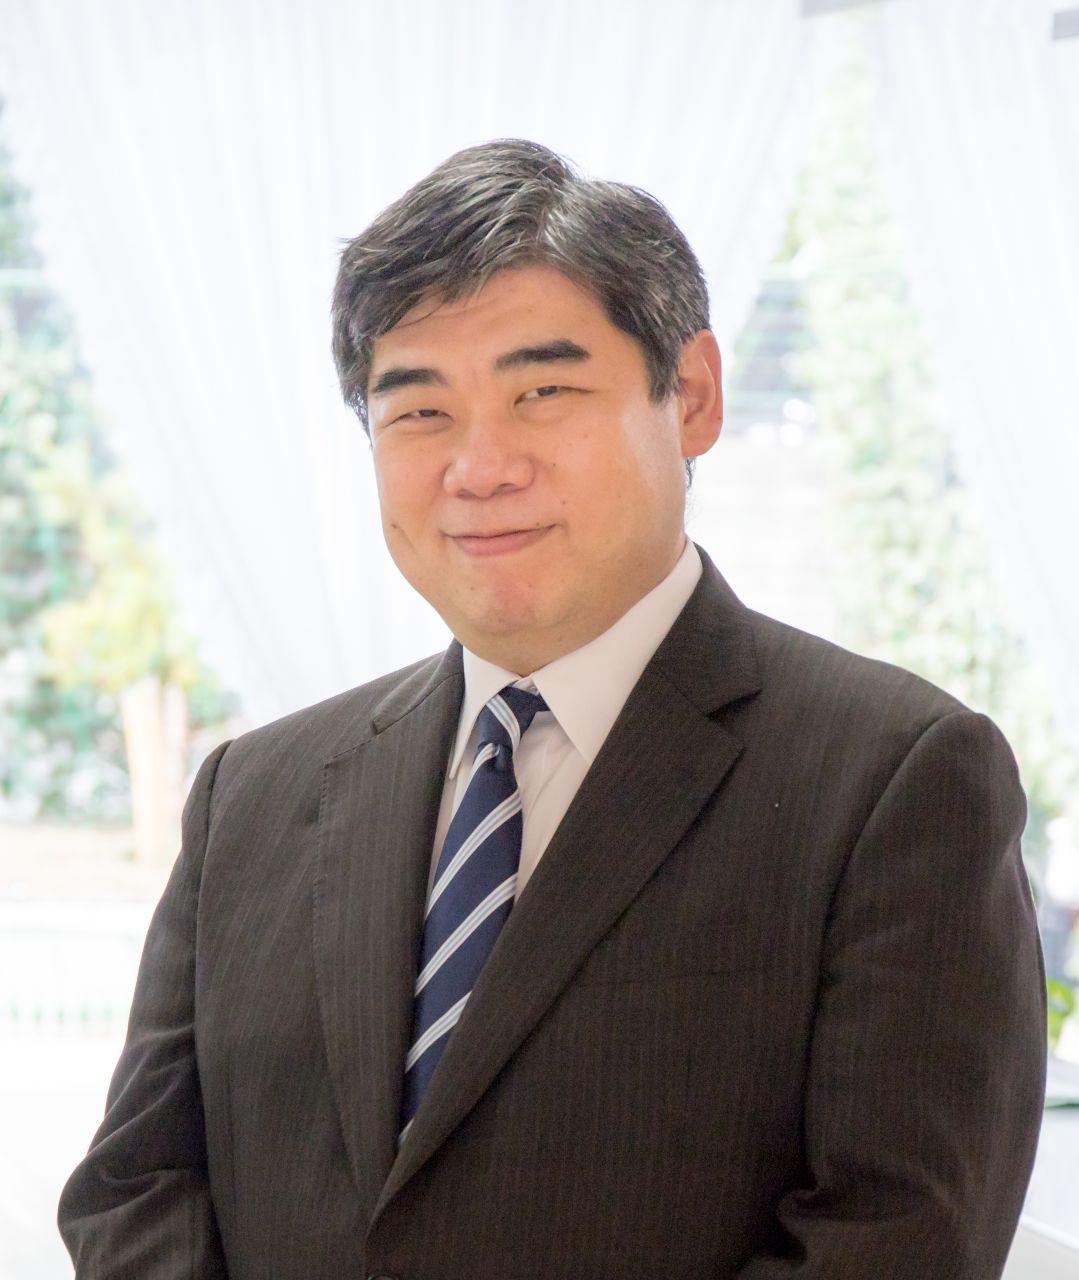 シルバーシティ駒込 園長 芝田勇作